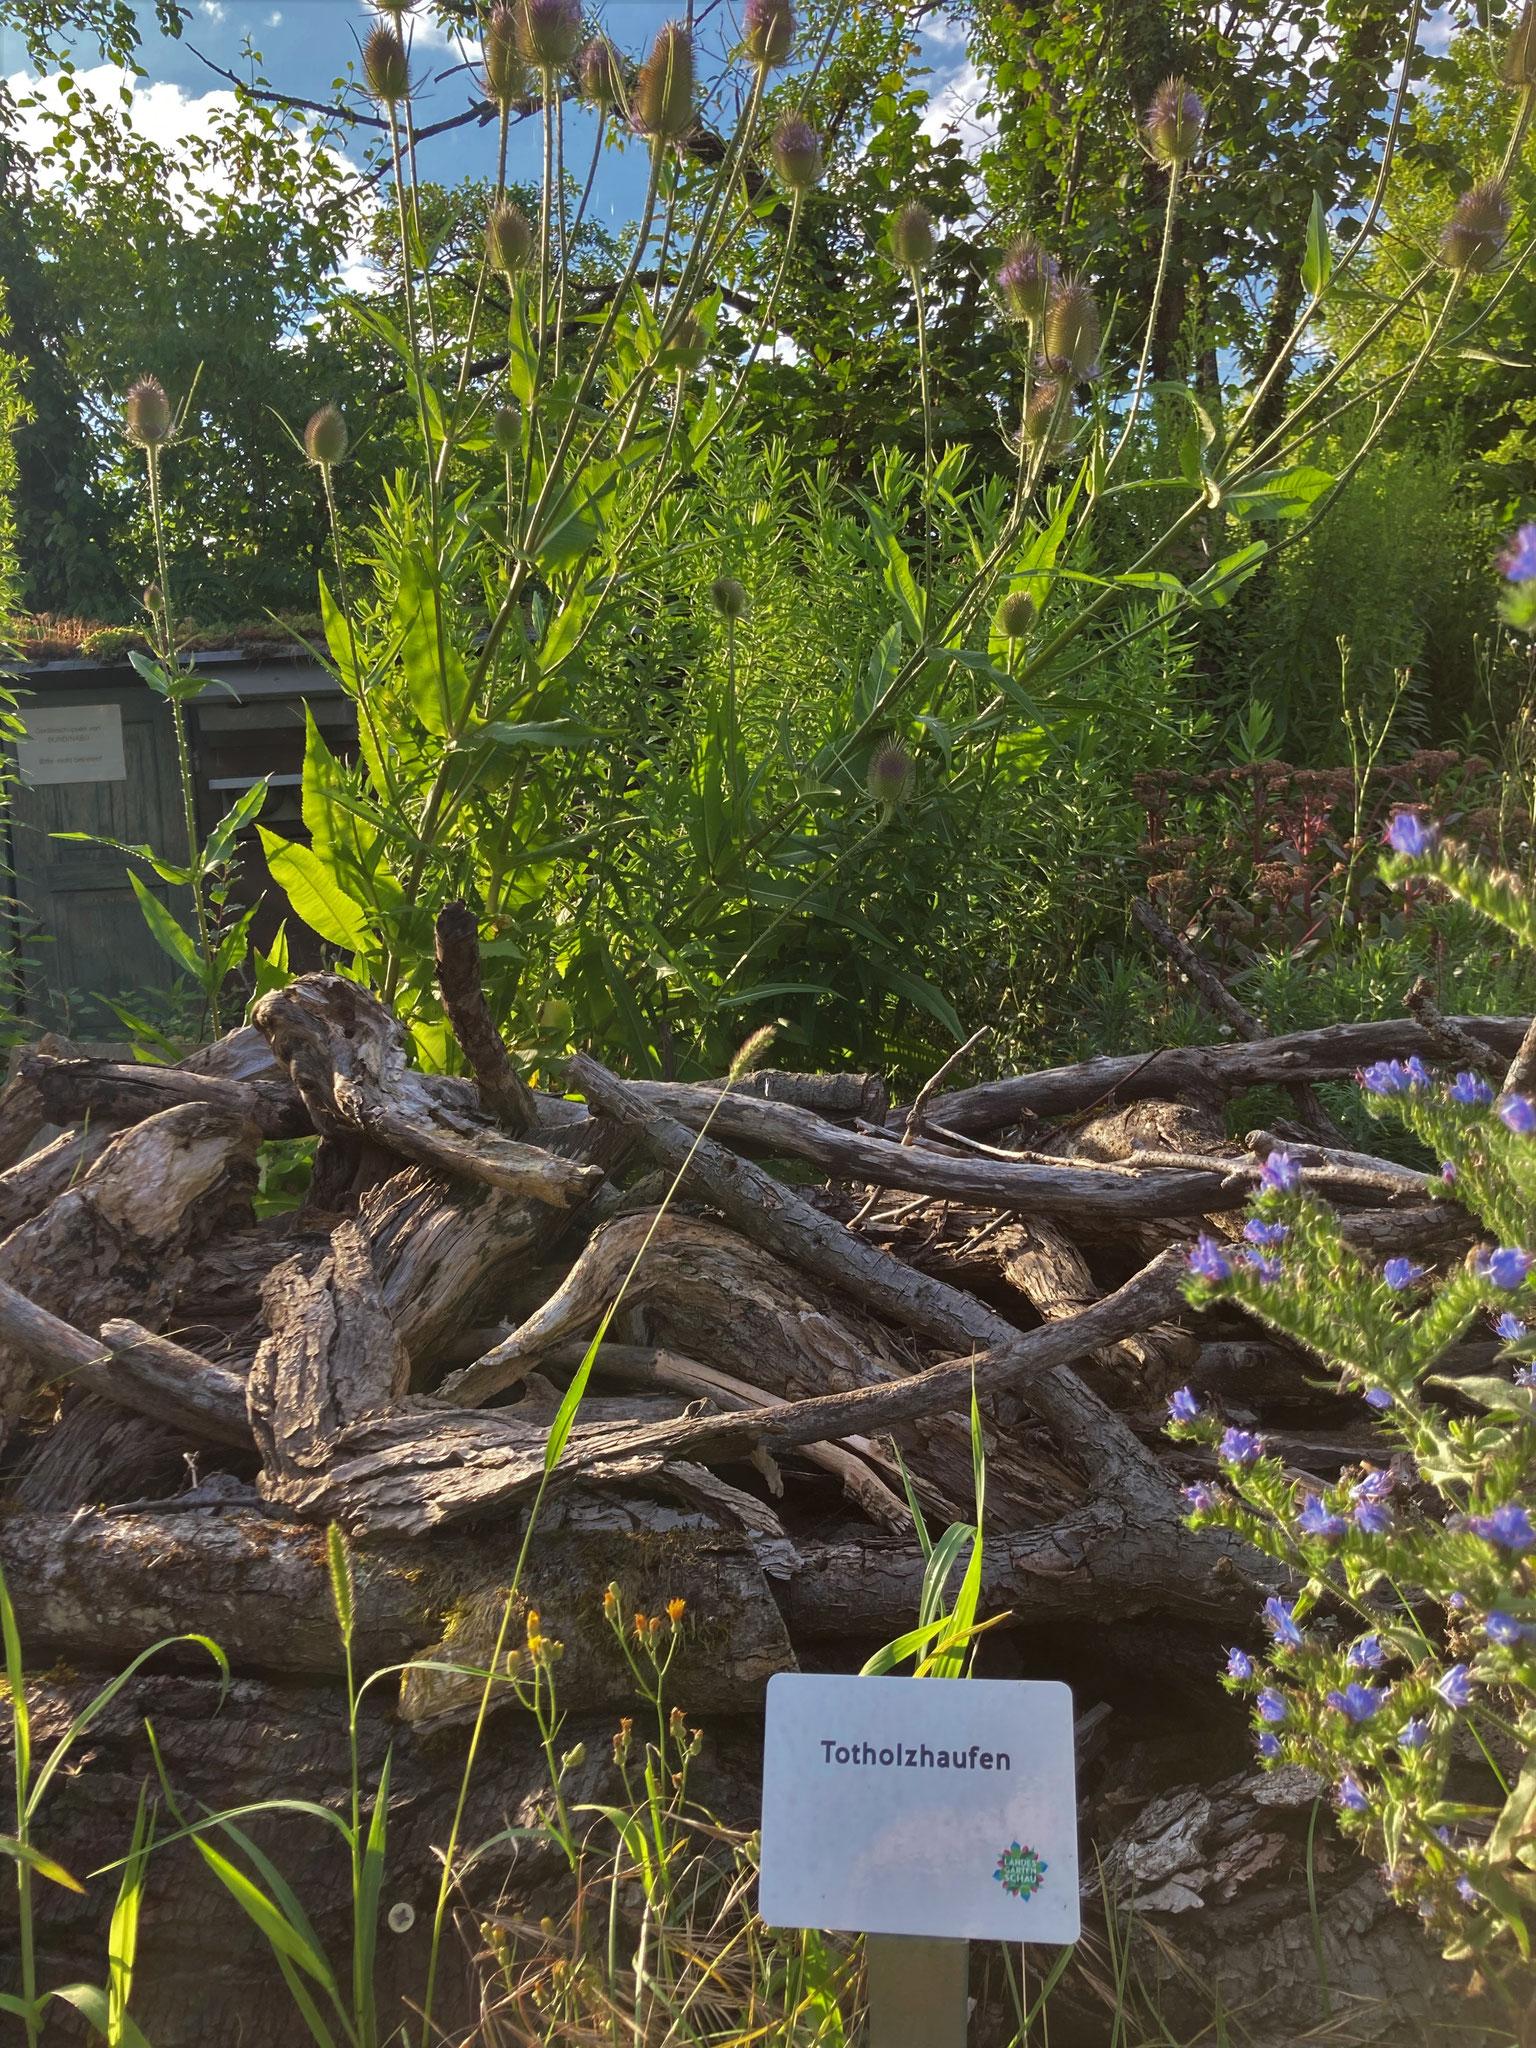 Totholzhäufen bieten Insekten Verstecke, Futter, Nistplätze